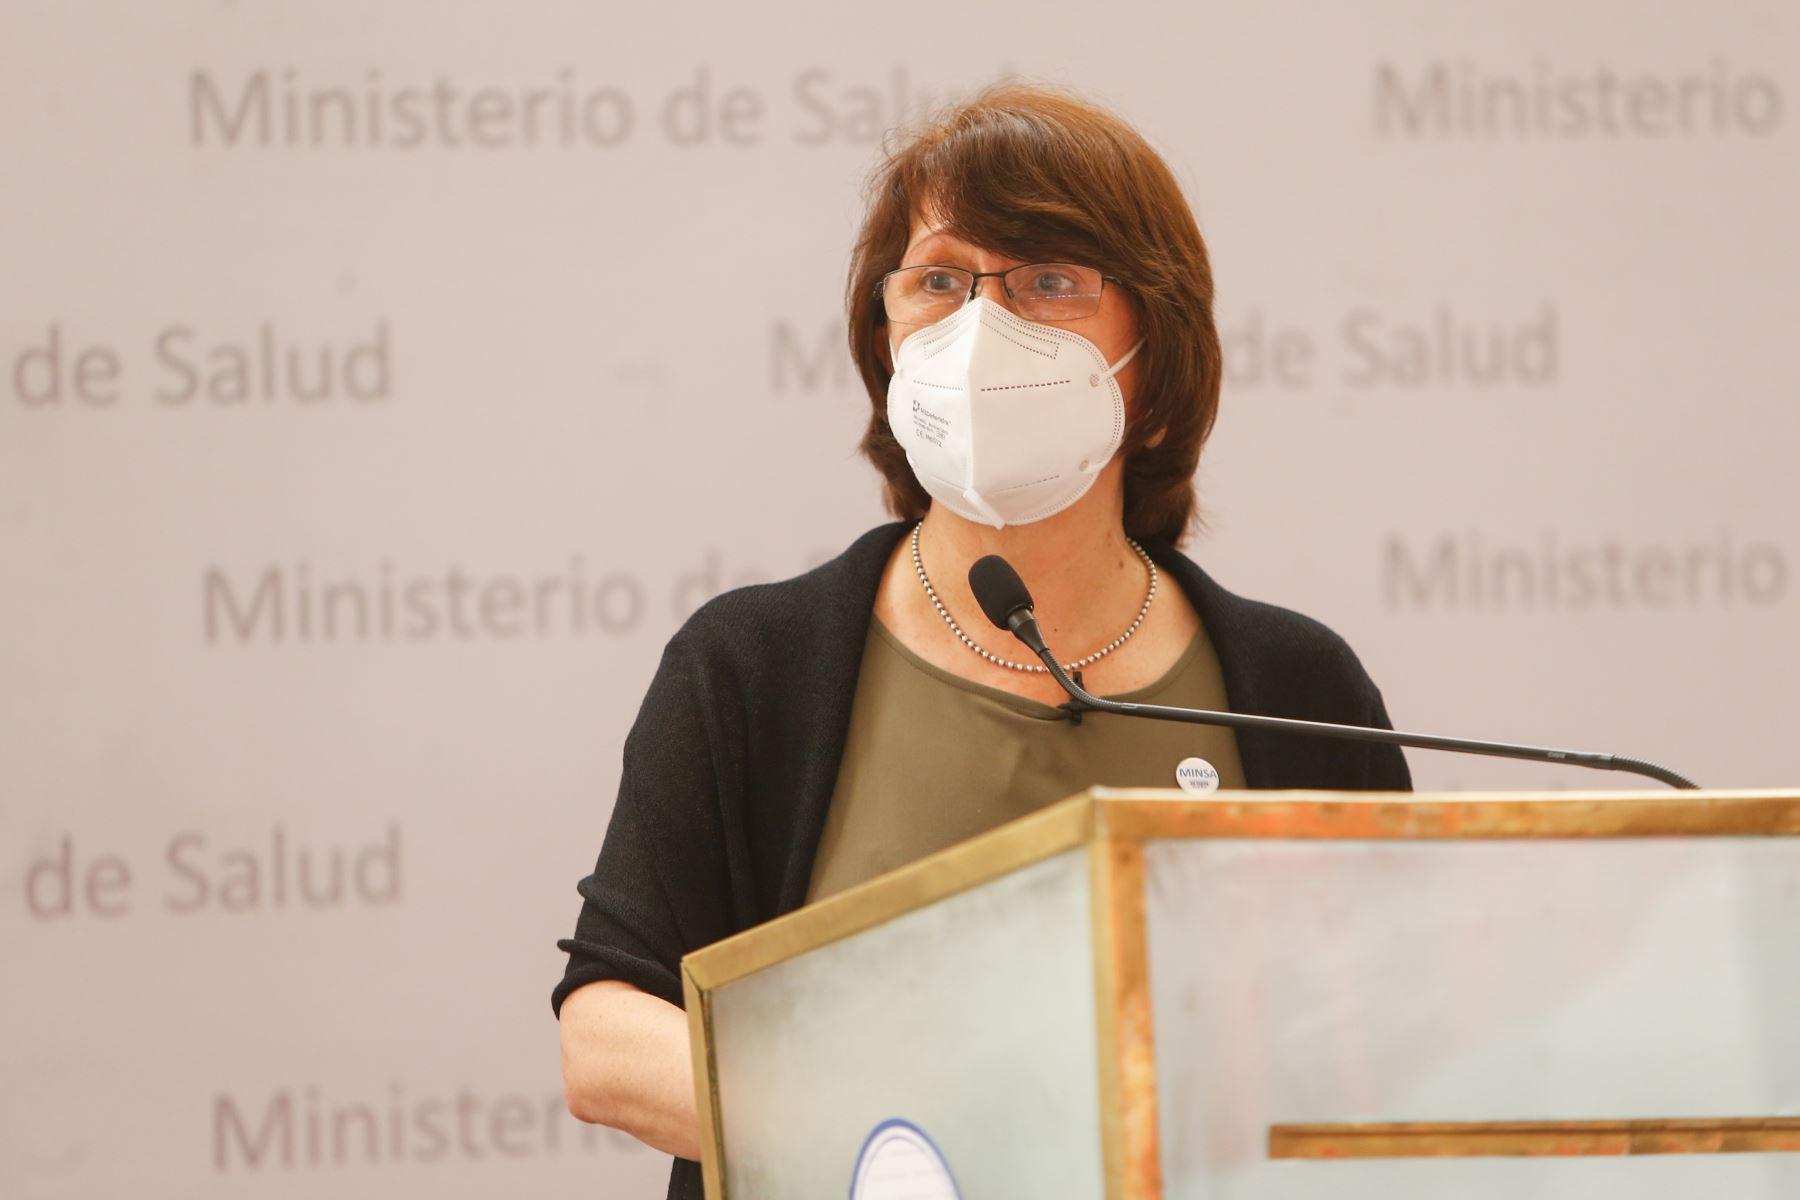 Ministra de Salud Pilar Mazzetti participa en la XV Reunión Extraordinaria de la Comisión Intergubernamental de Salud. Foto:ANDINA/Minsa